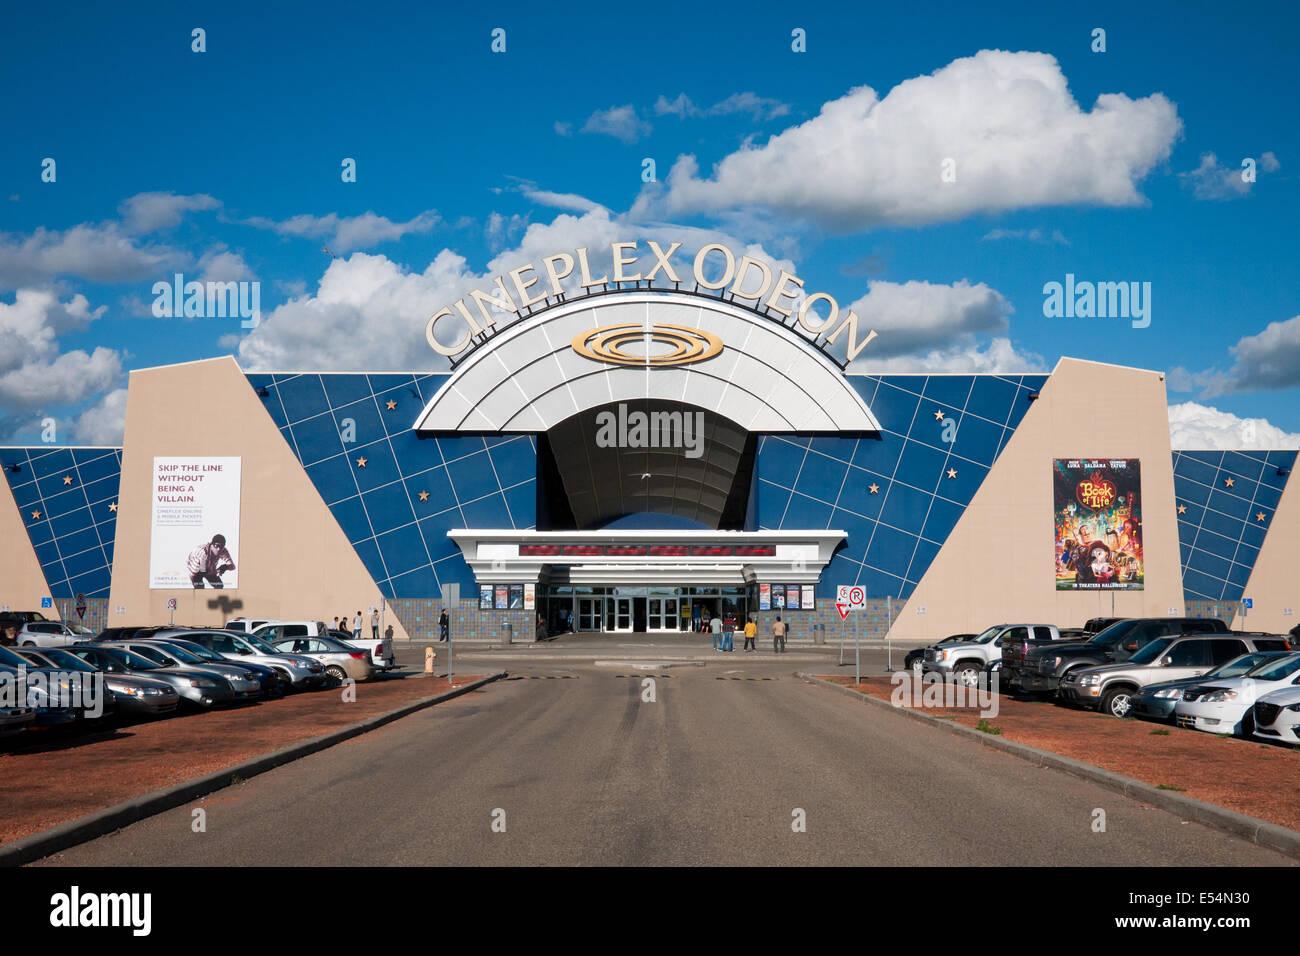 A Cineplex Odeon movie theatre in Edmonton, Alberta, Canada. - Stock Image